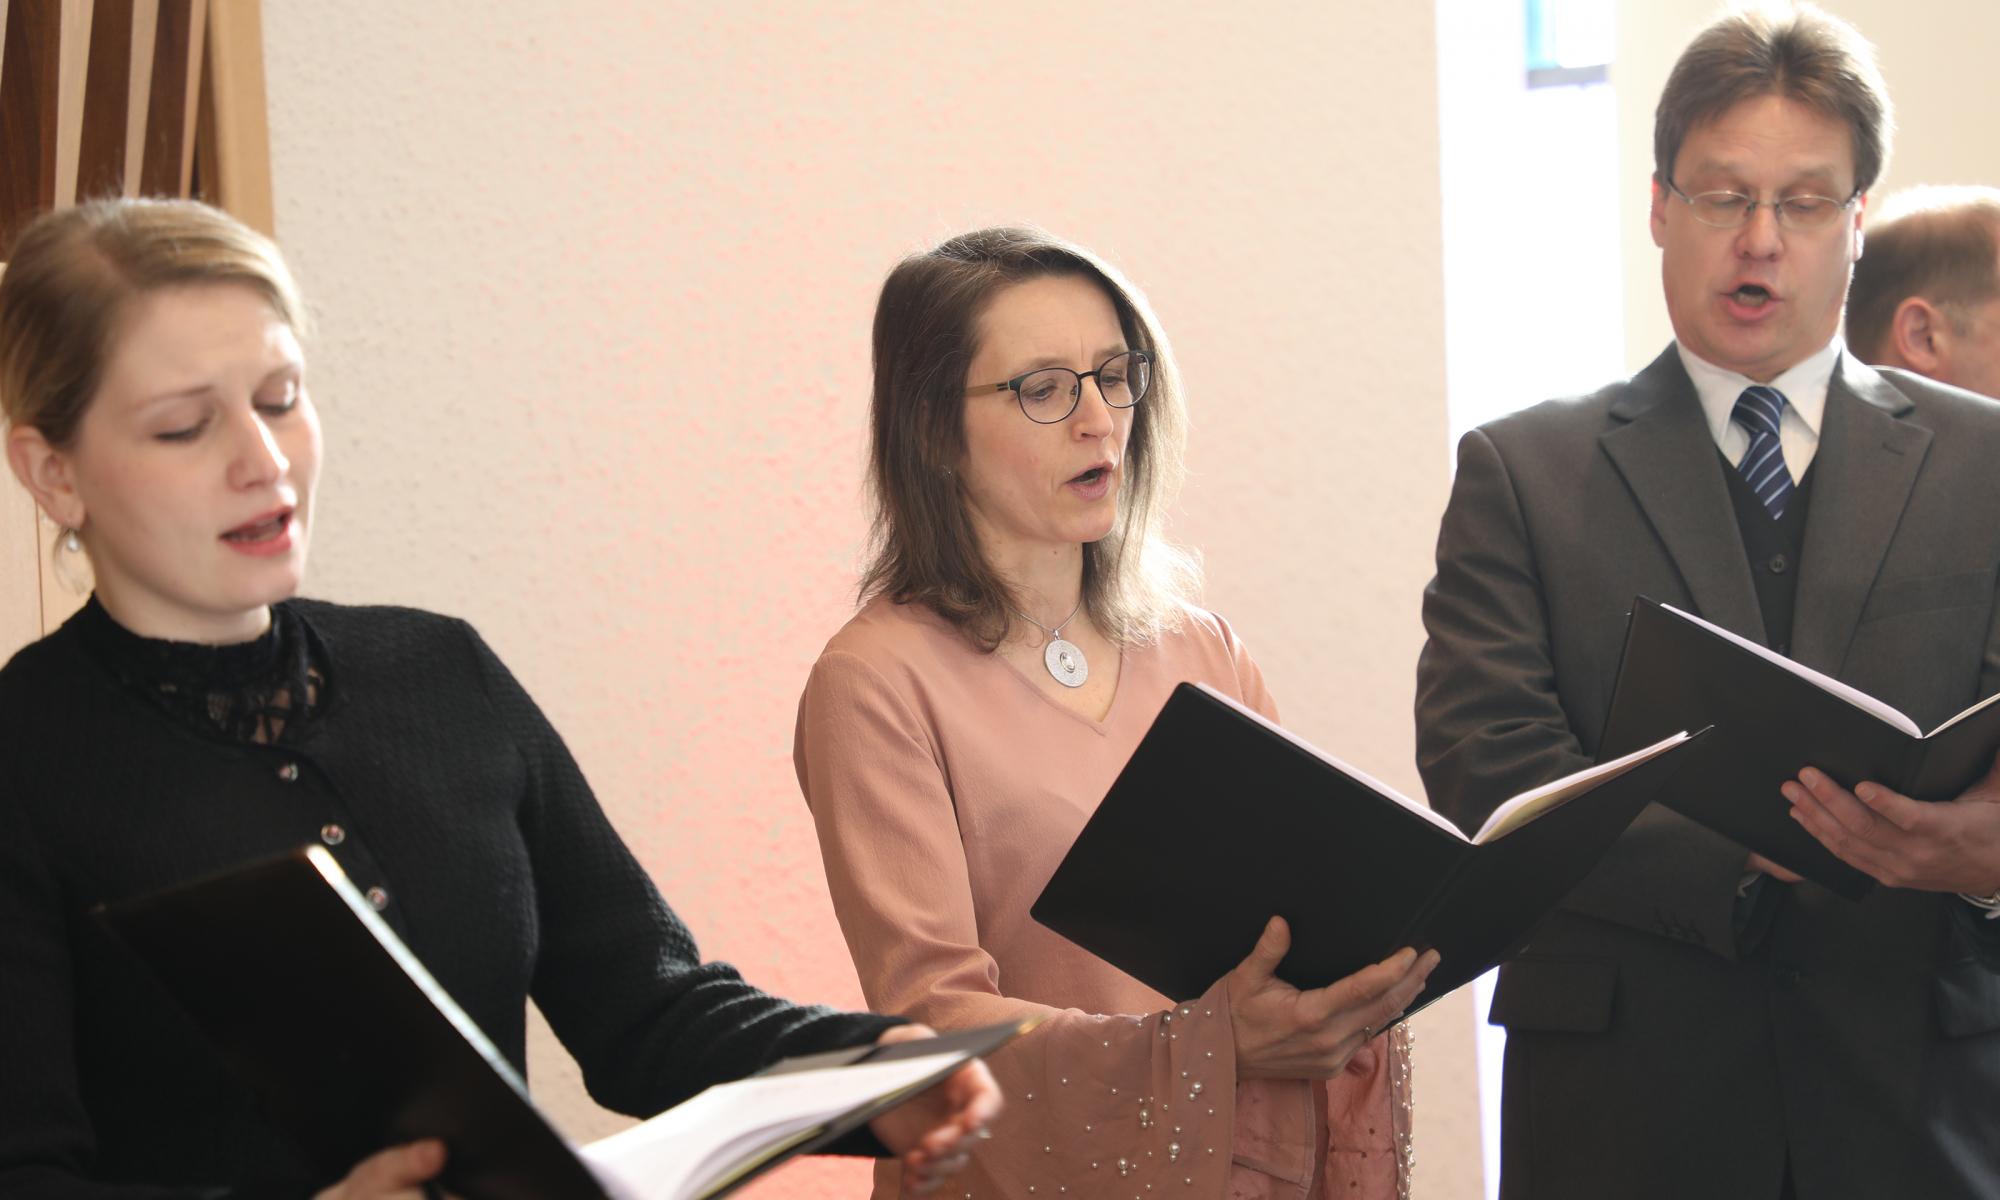 200112 Festakt 60 Jahre Spectrum Kirche foto3